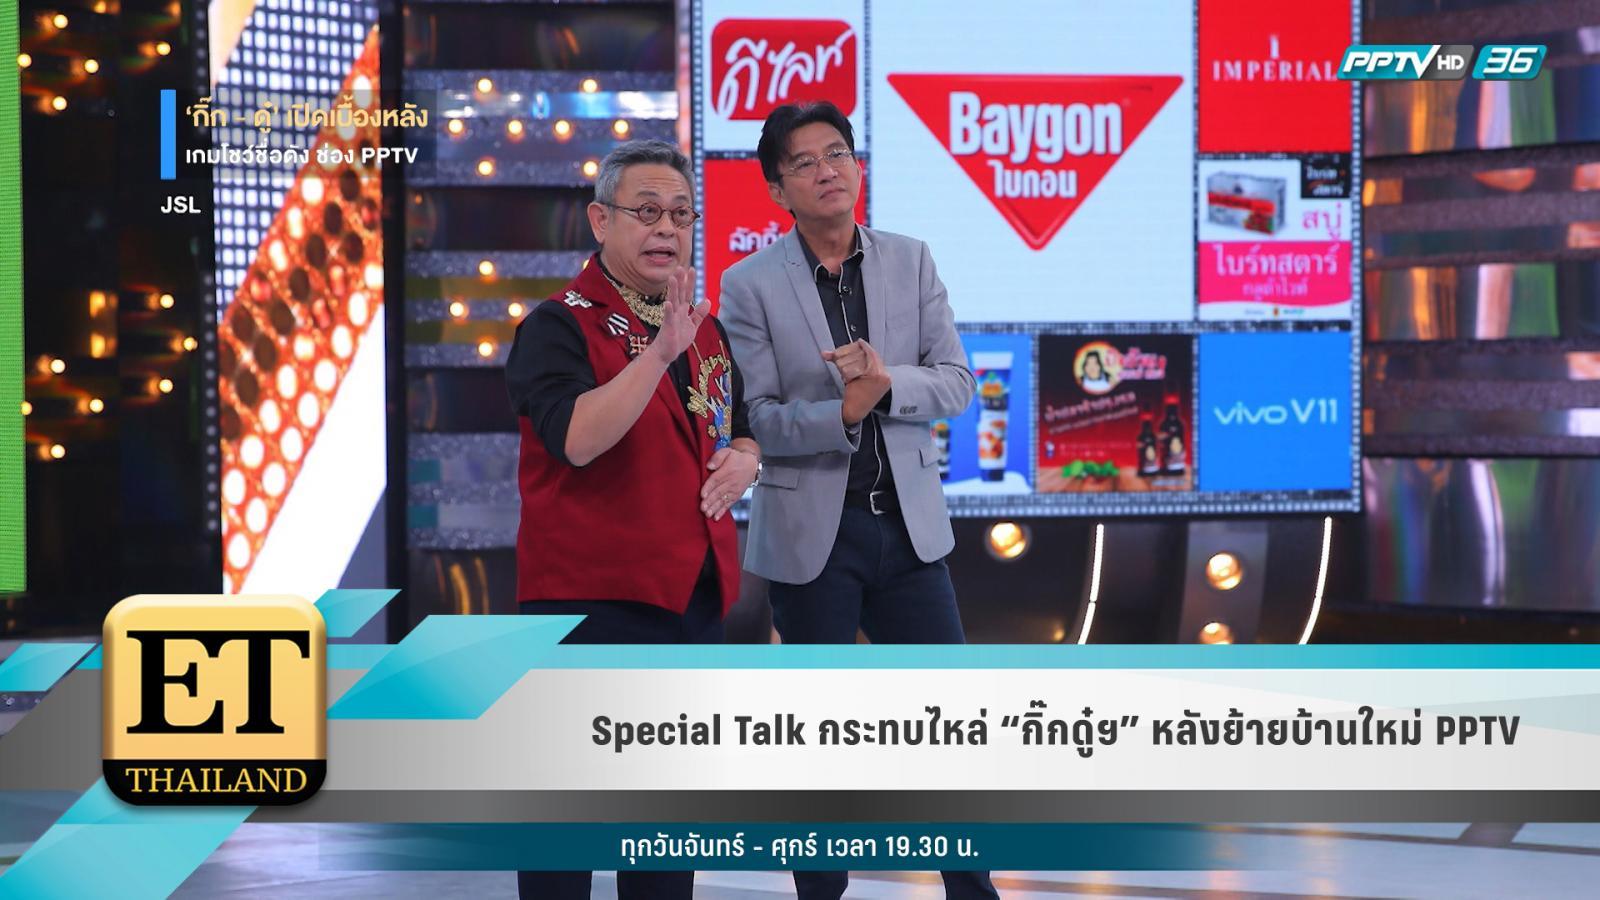 """Special Talk กระทบไหล่ """"กิ๊กดู๋ฯ"""" หลังย้ายบ้านใหม่ PPTV"""